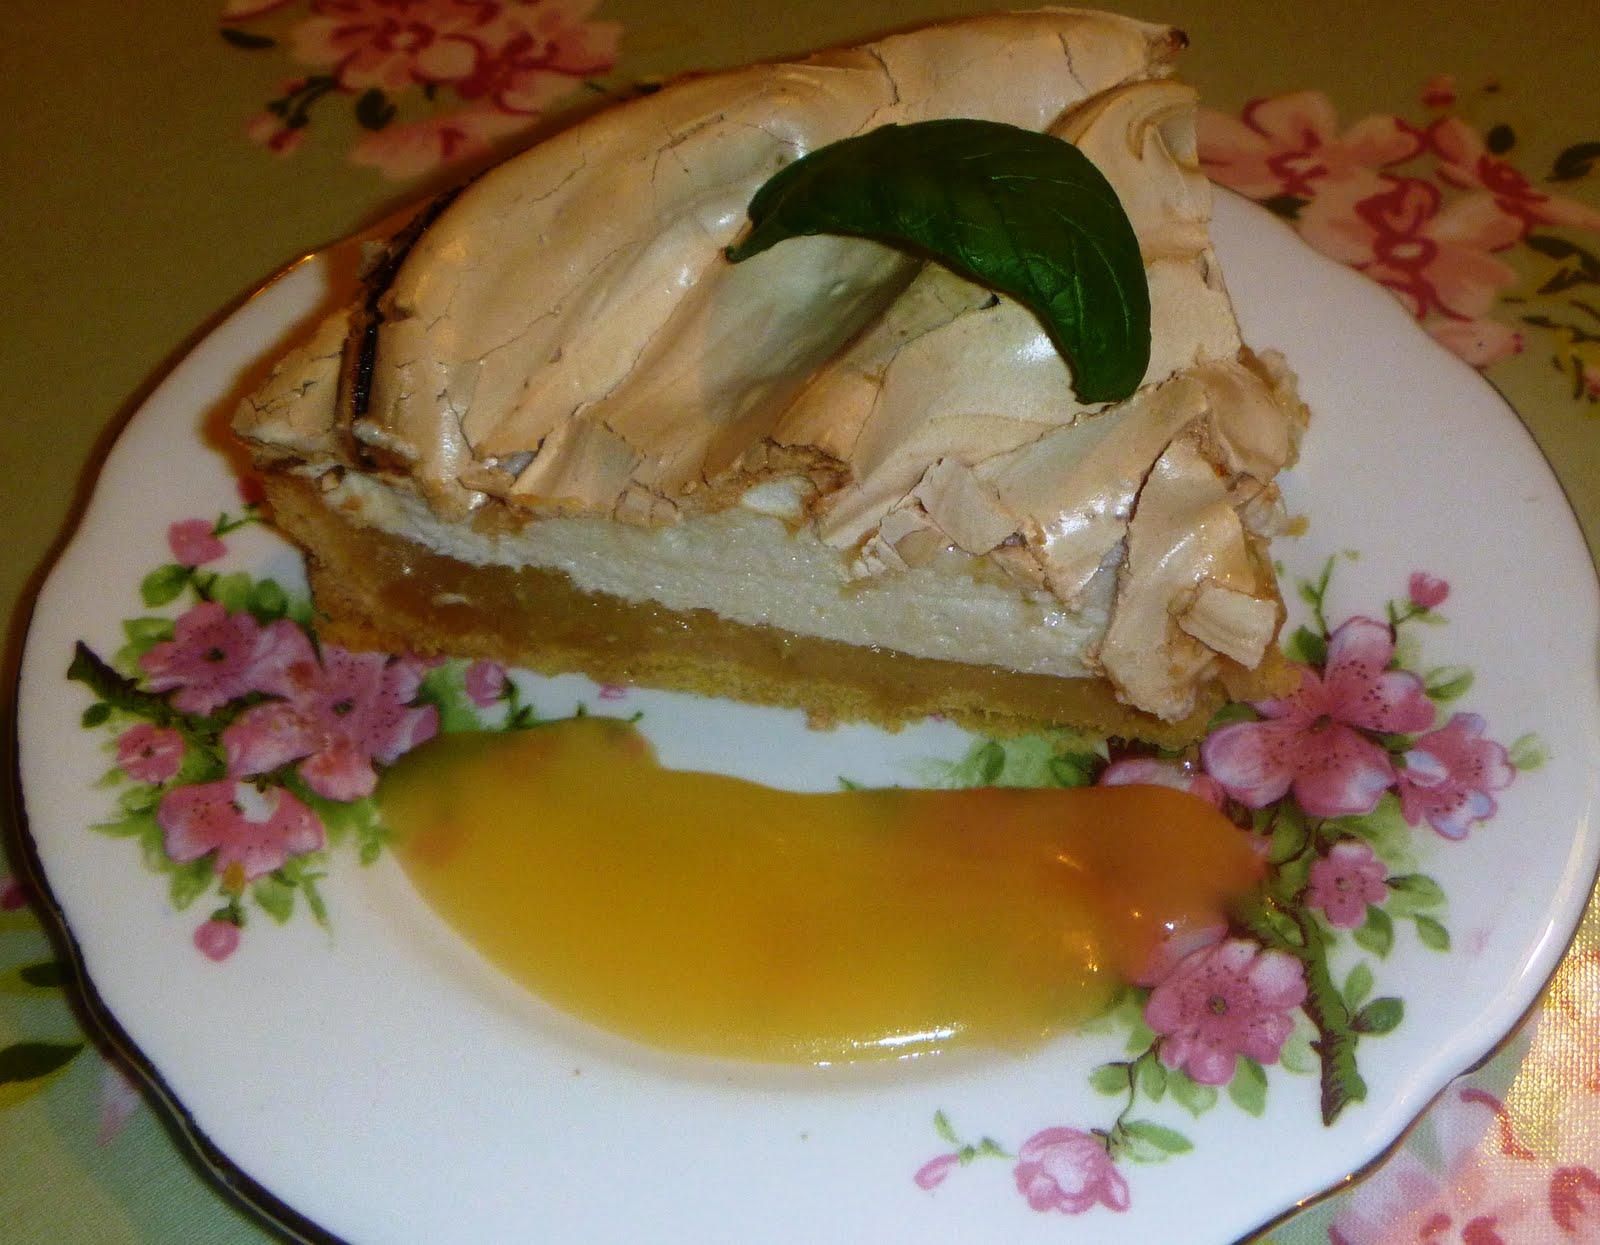 Kitchen Garden Preserves The Vegetarian Experience Lemon Meringue Pie Using Kitchen